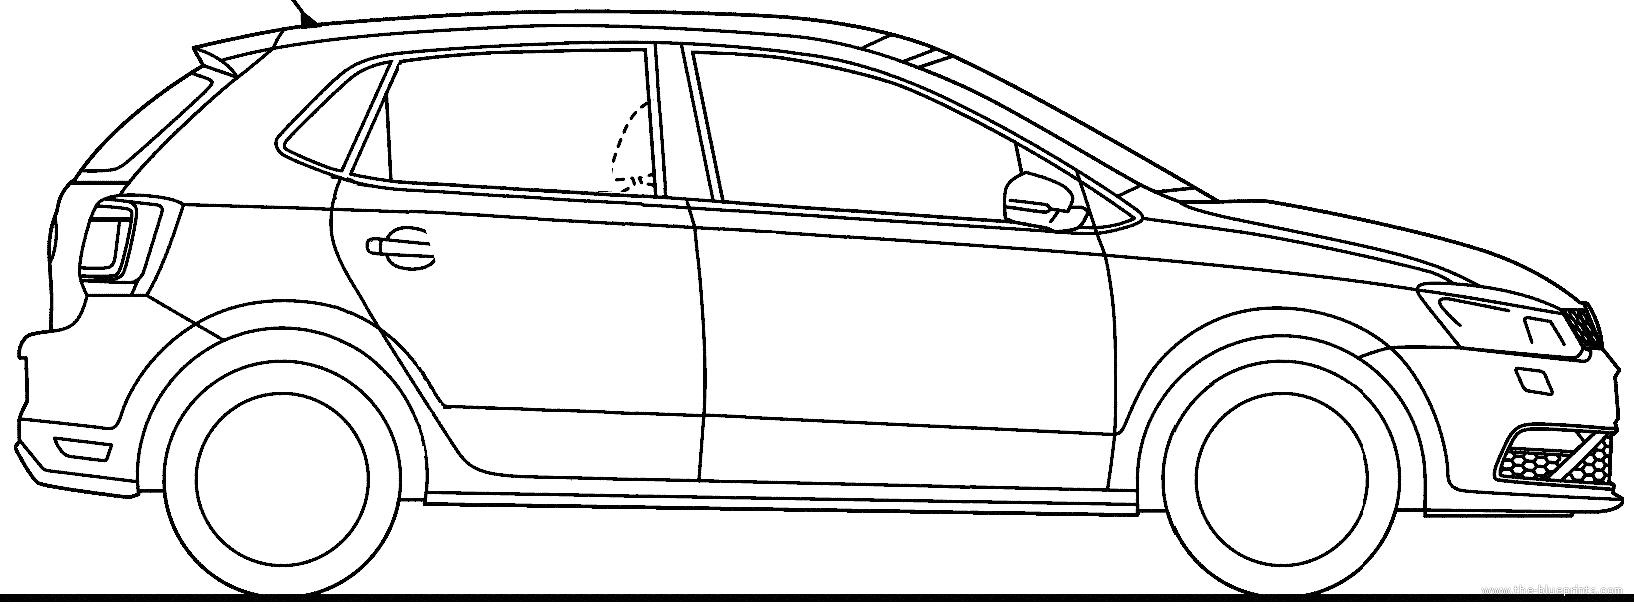 Blueprints > Cars > Volkswagen > Volkswagen Polo 5-Door